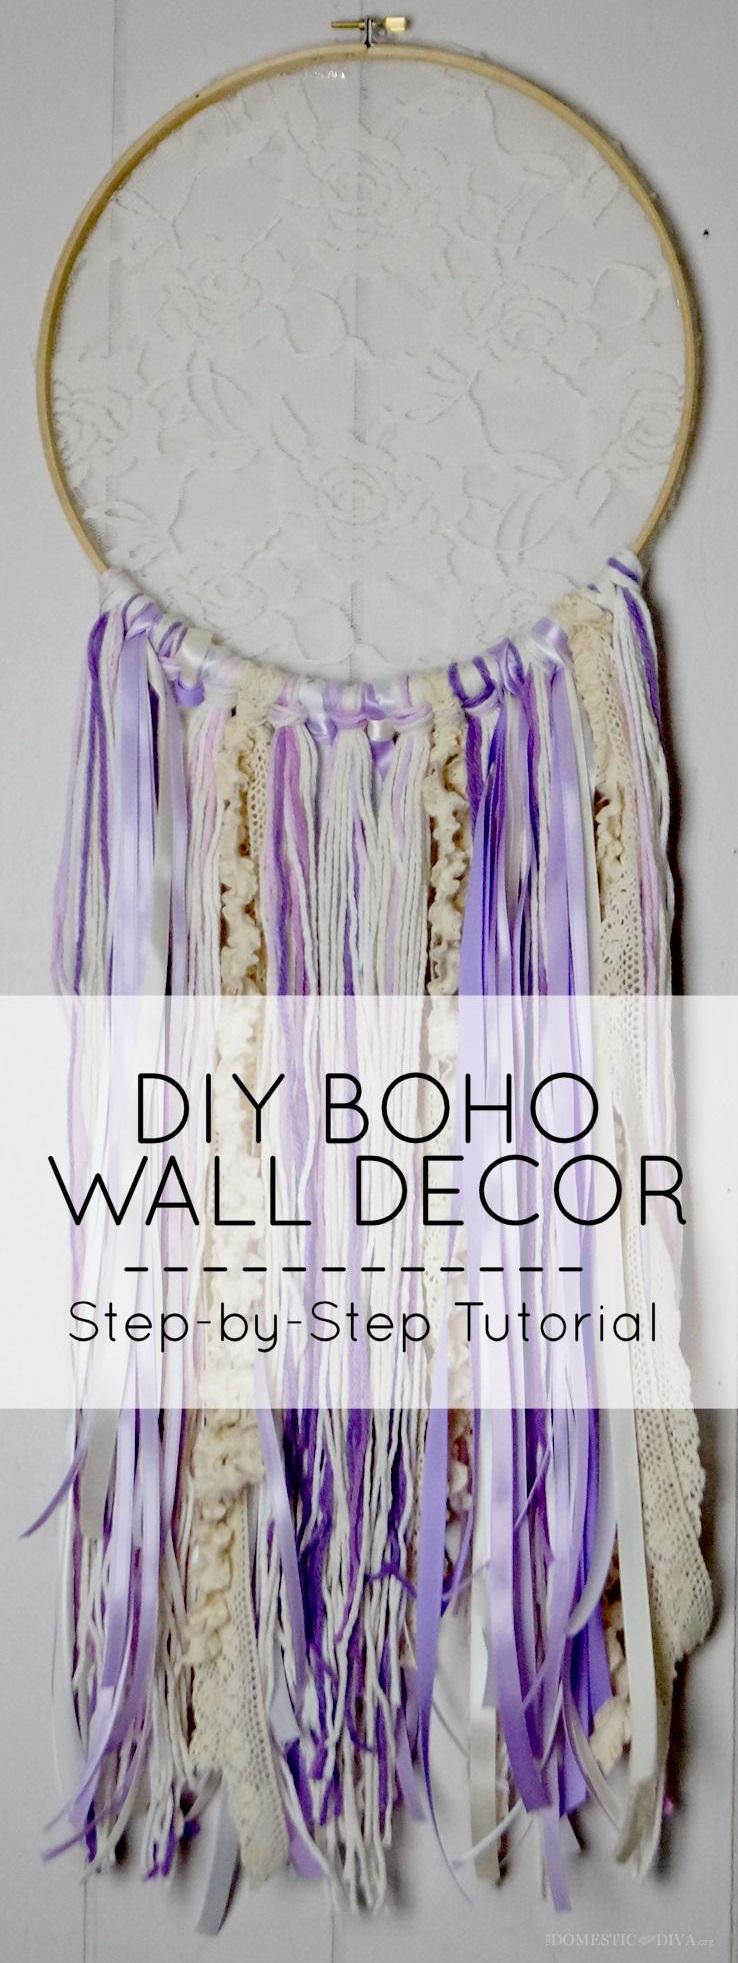 3.DIY boho walldecor dream catchertutorial via Simphome.com